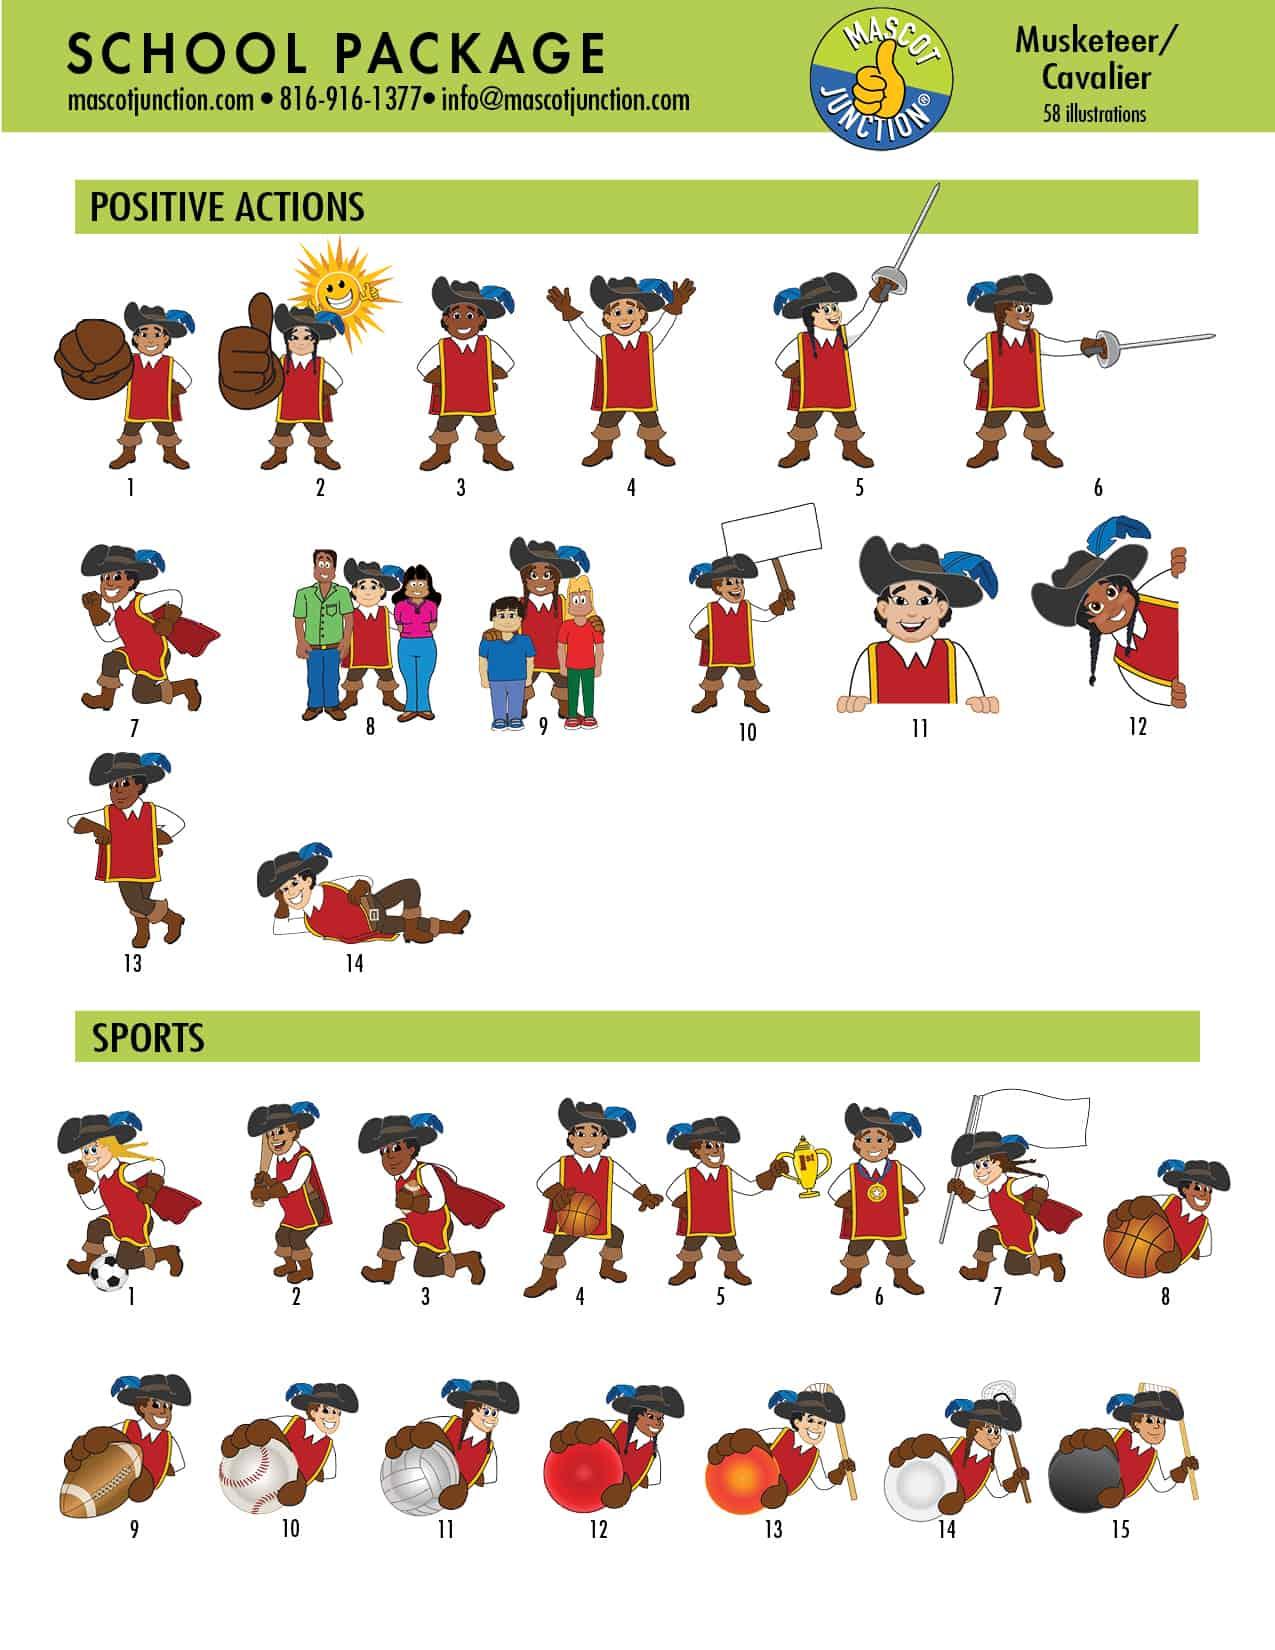 Mustketeer Cavalier Mascot Clip Art 2